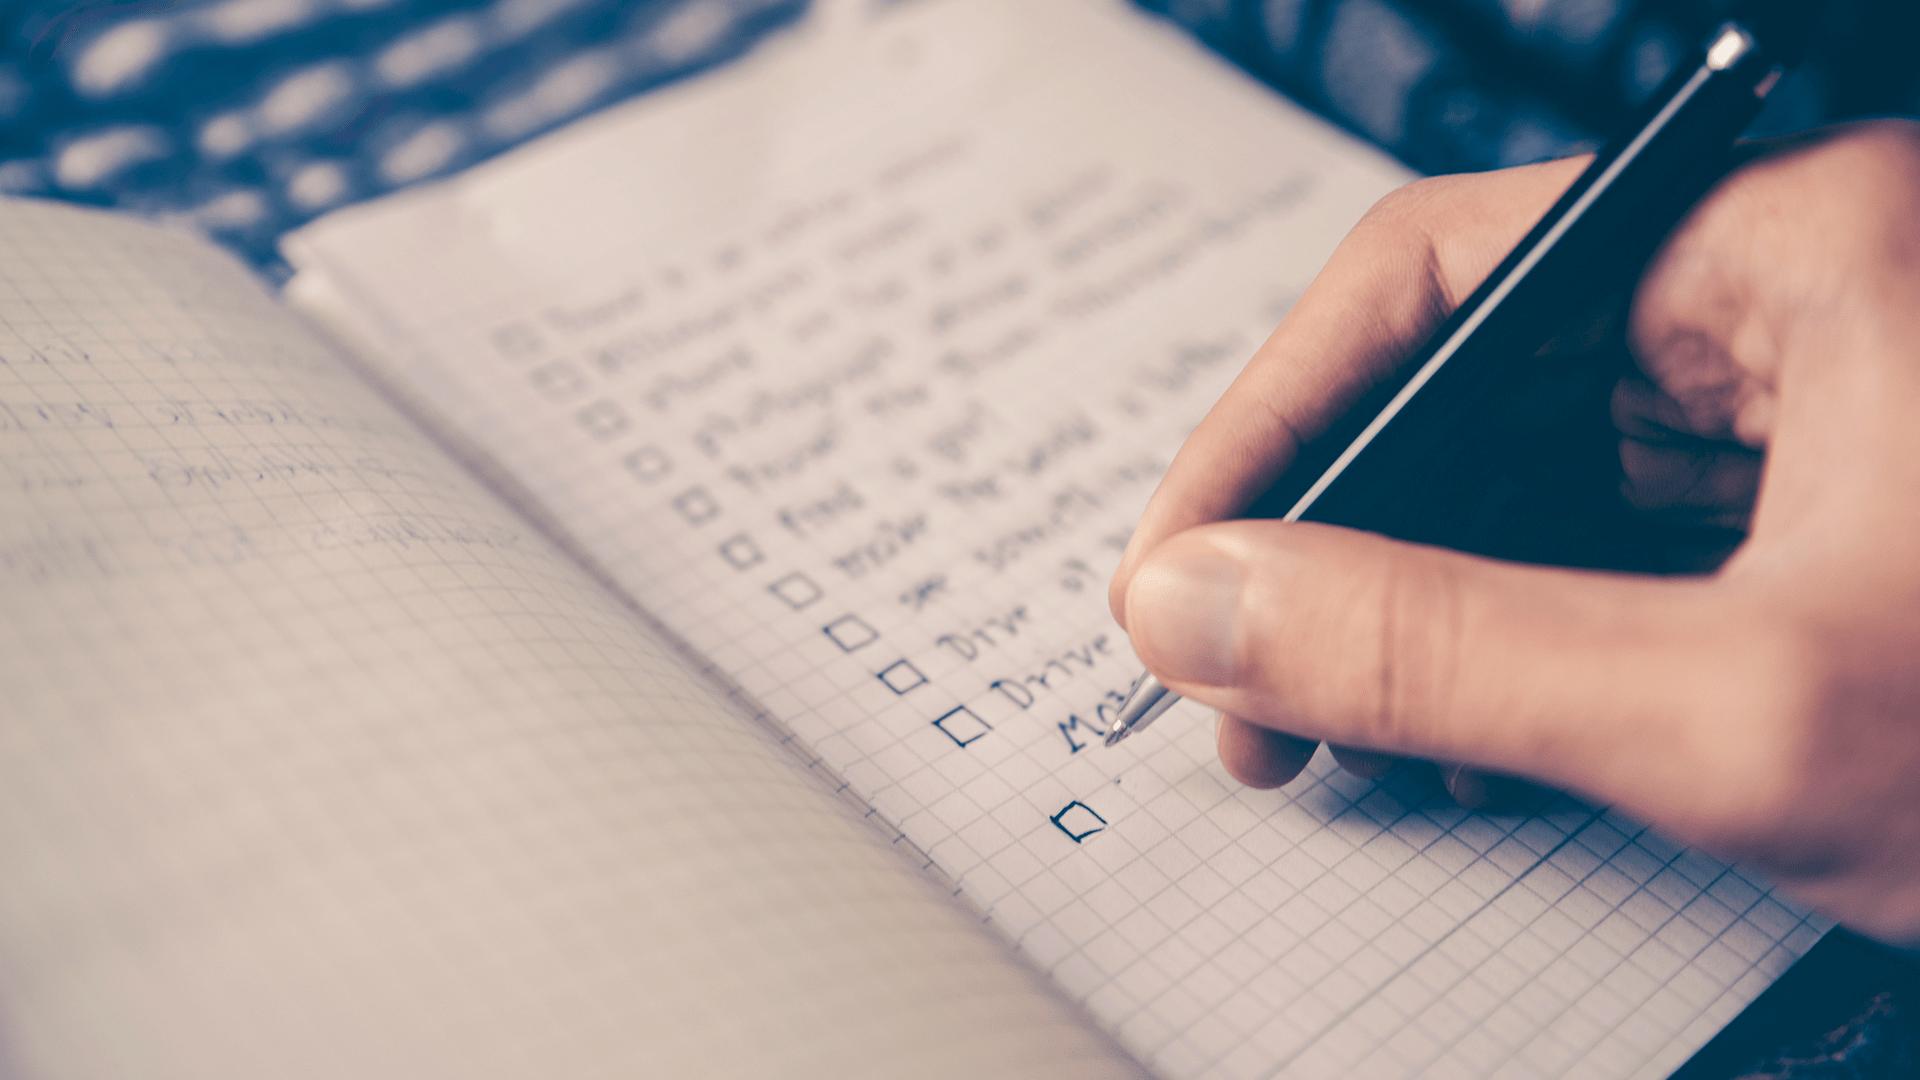 10 важливих елементів, які повинні бути на сайті компанії